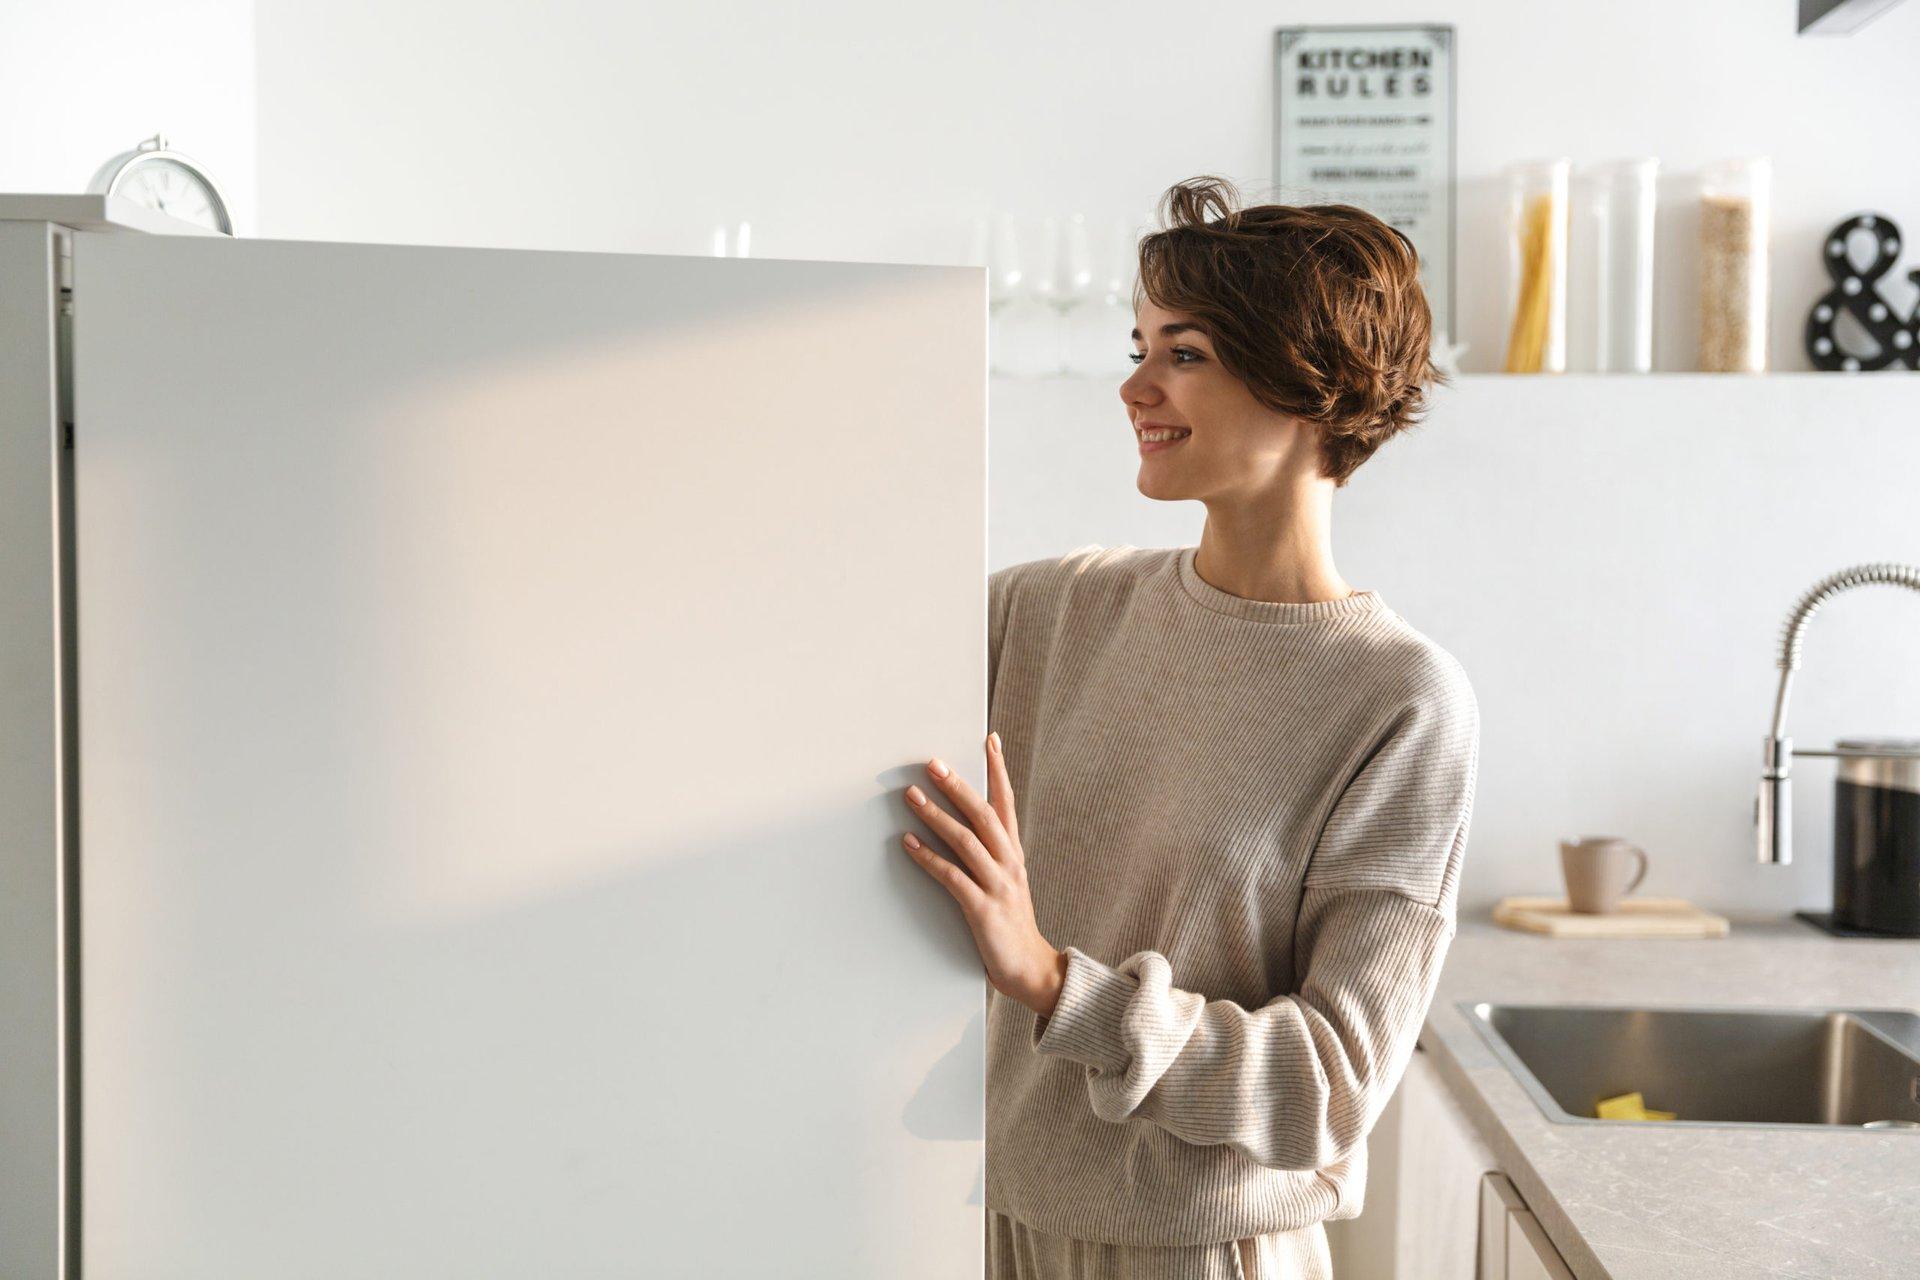 woman opening a freezer